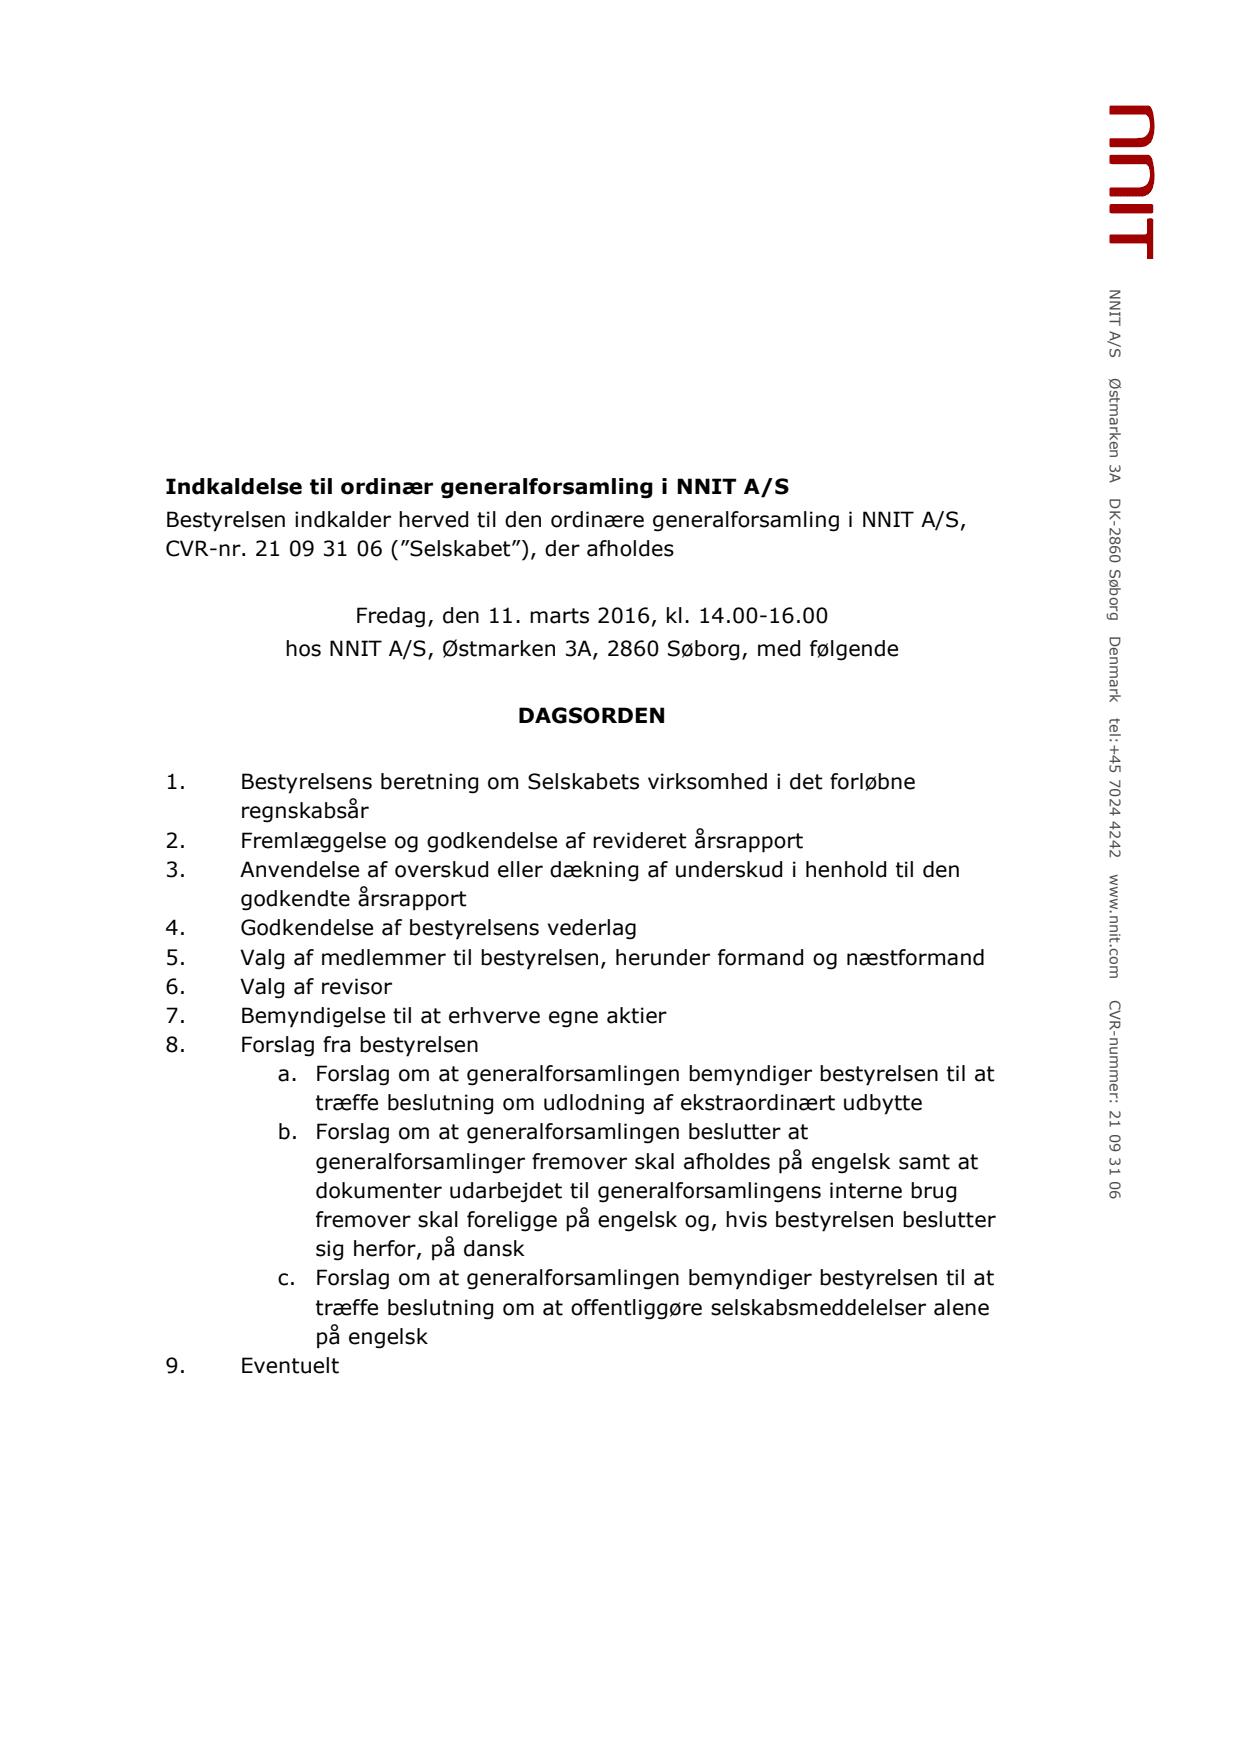 Indkaldelse til NNIT Generalforsamling 2016 - NNIT